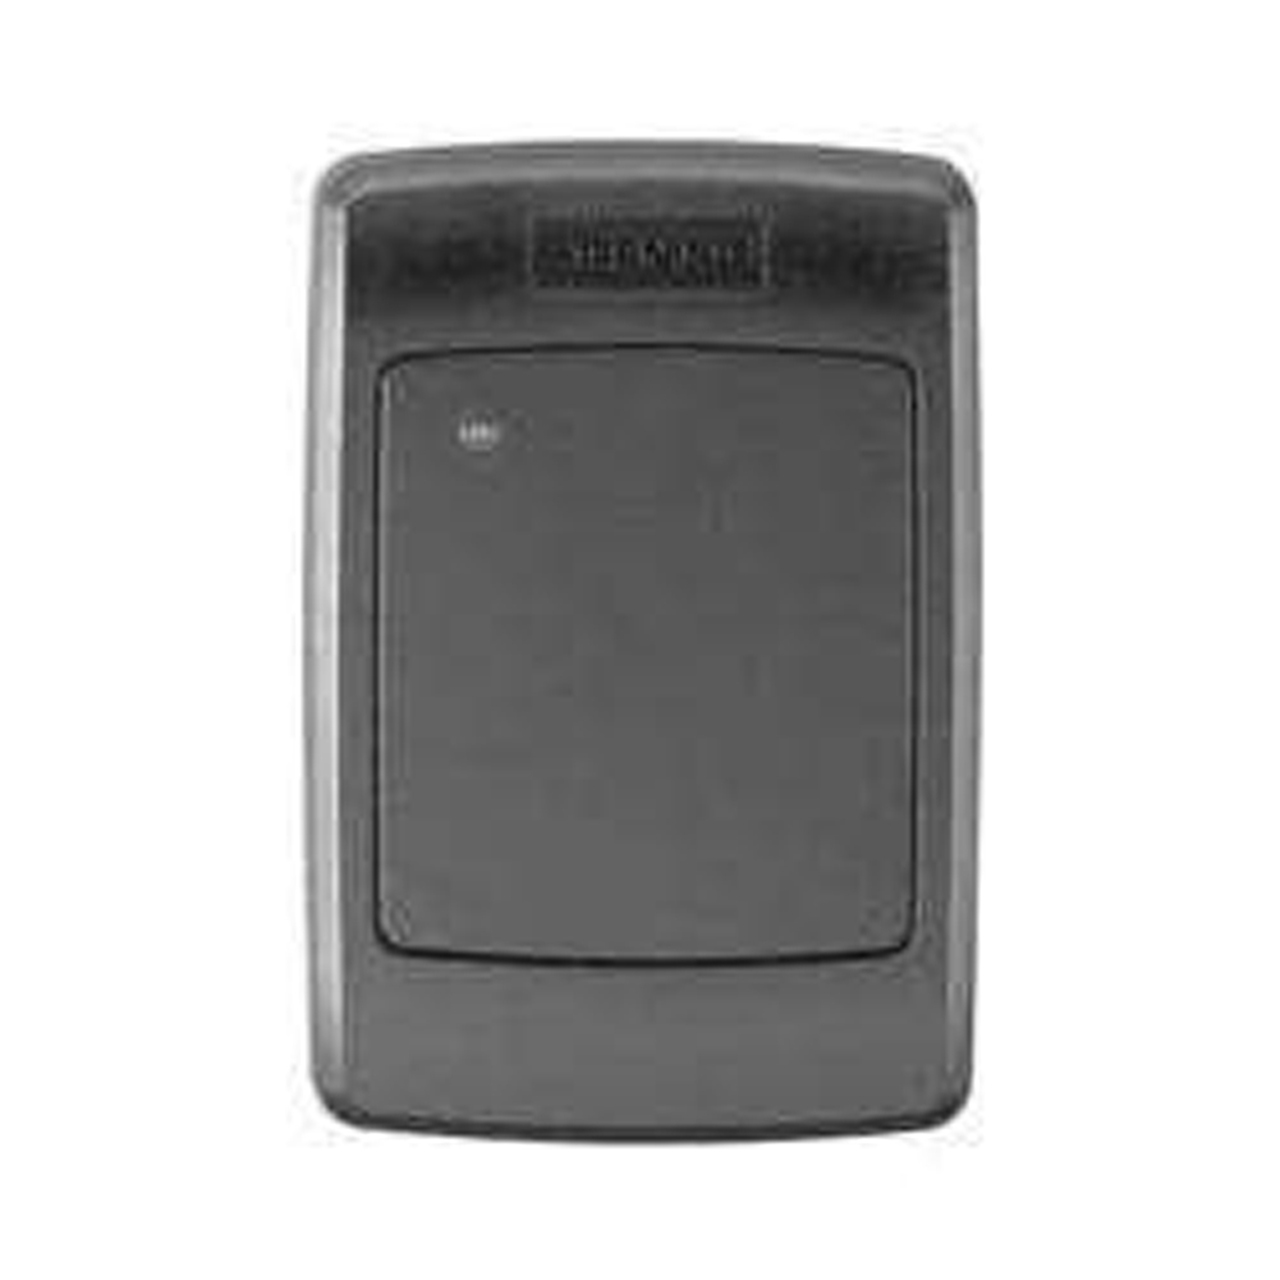 Đầu đọc thẻ OP40HONS - Hệ thống kiểm soát vào ra Honeywell dòng WIN-PAK